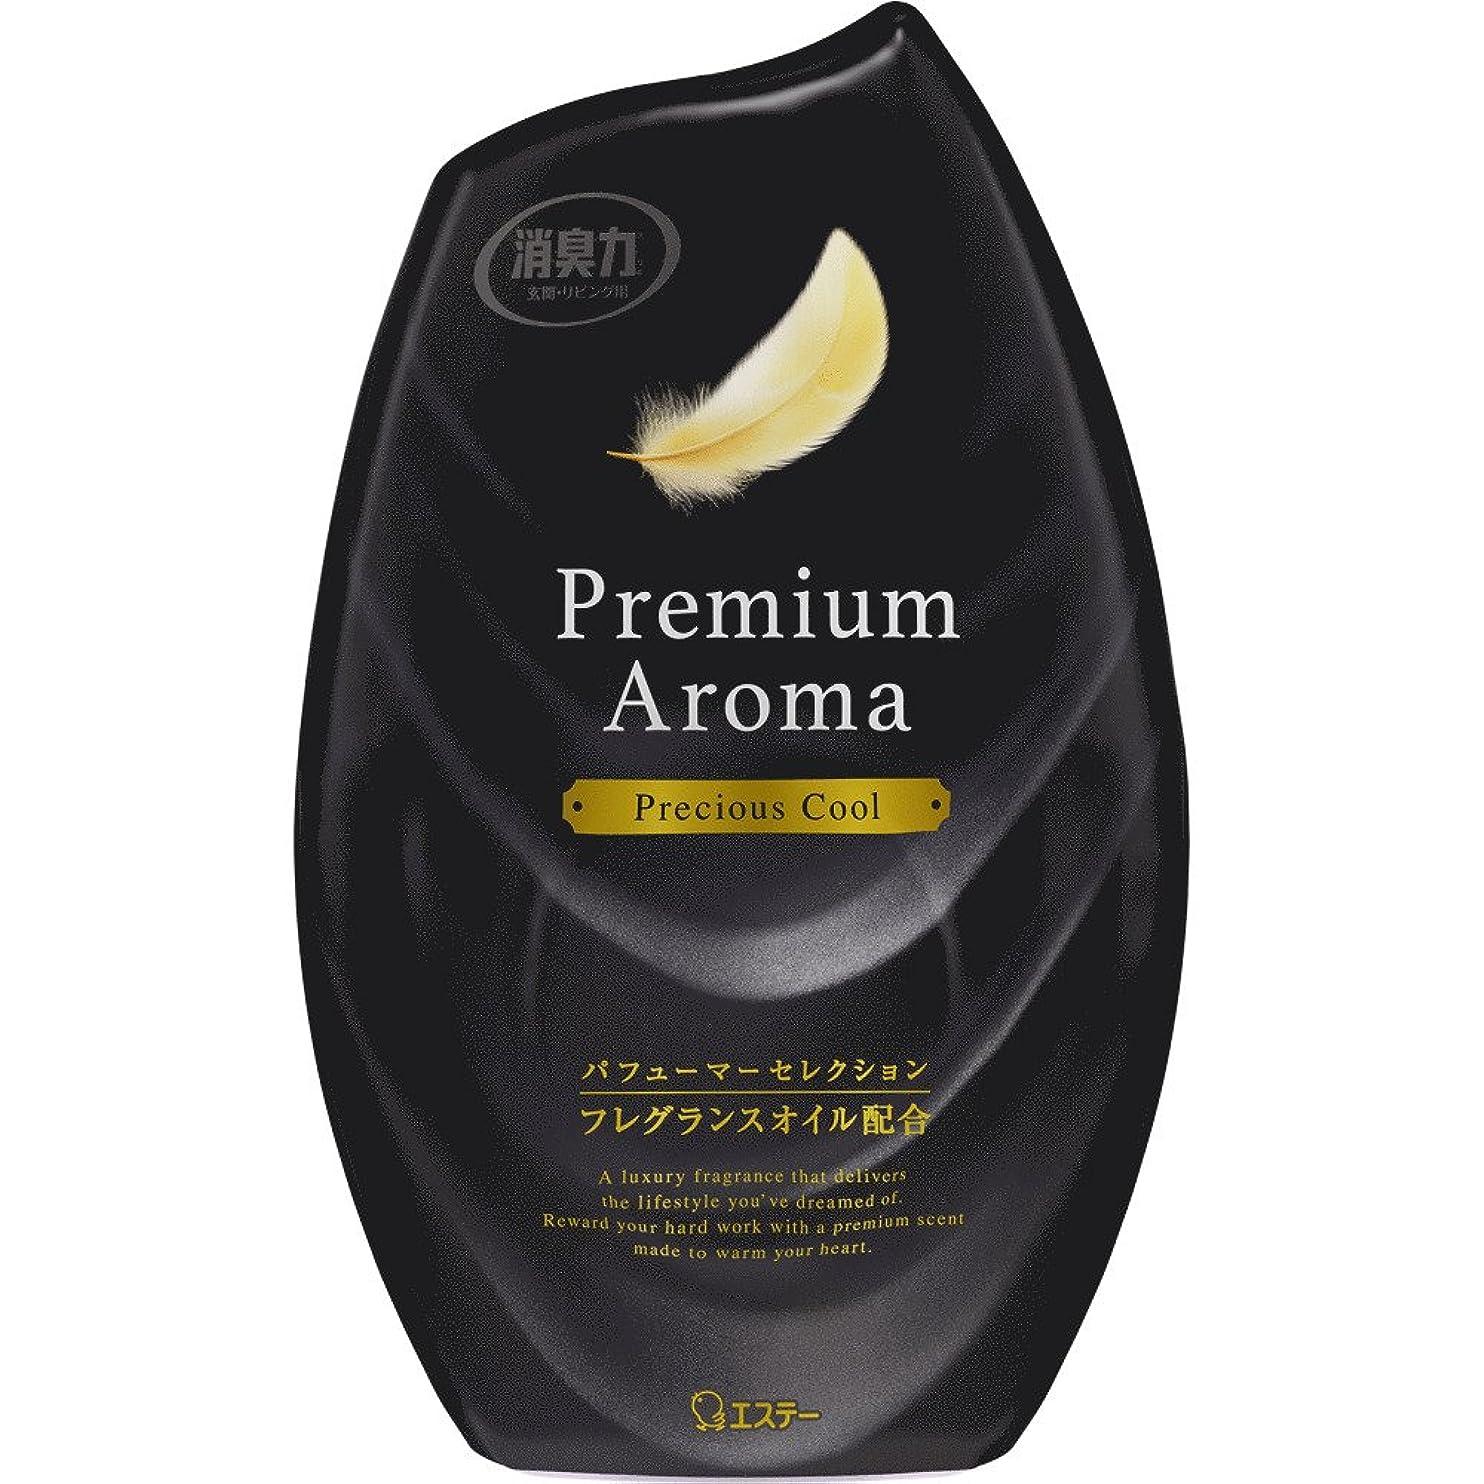 狼医療の武装解除お部屋の消臭力 プレミアムアロマ Premium Aroma 消臭芳香剤 部屋用 部屋 プレシャスクールの香り 400ml